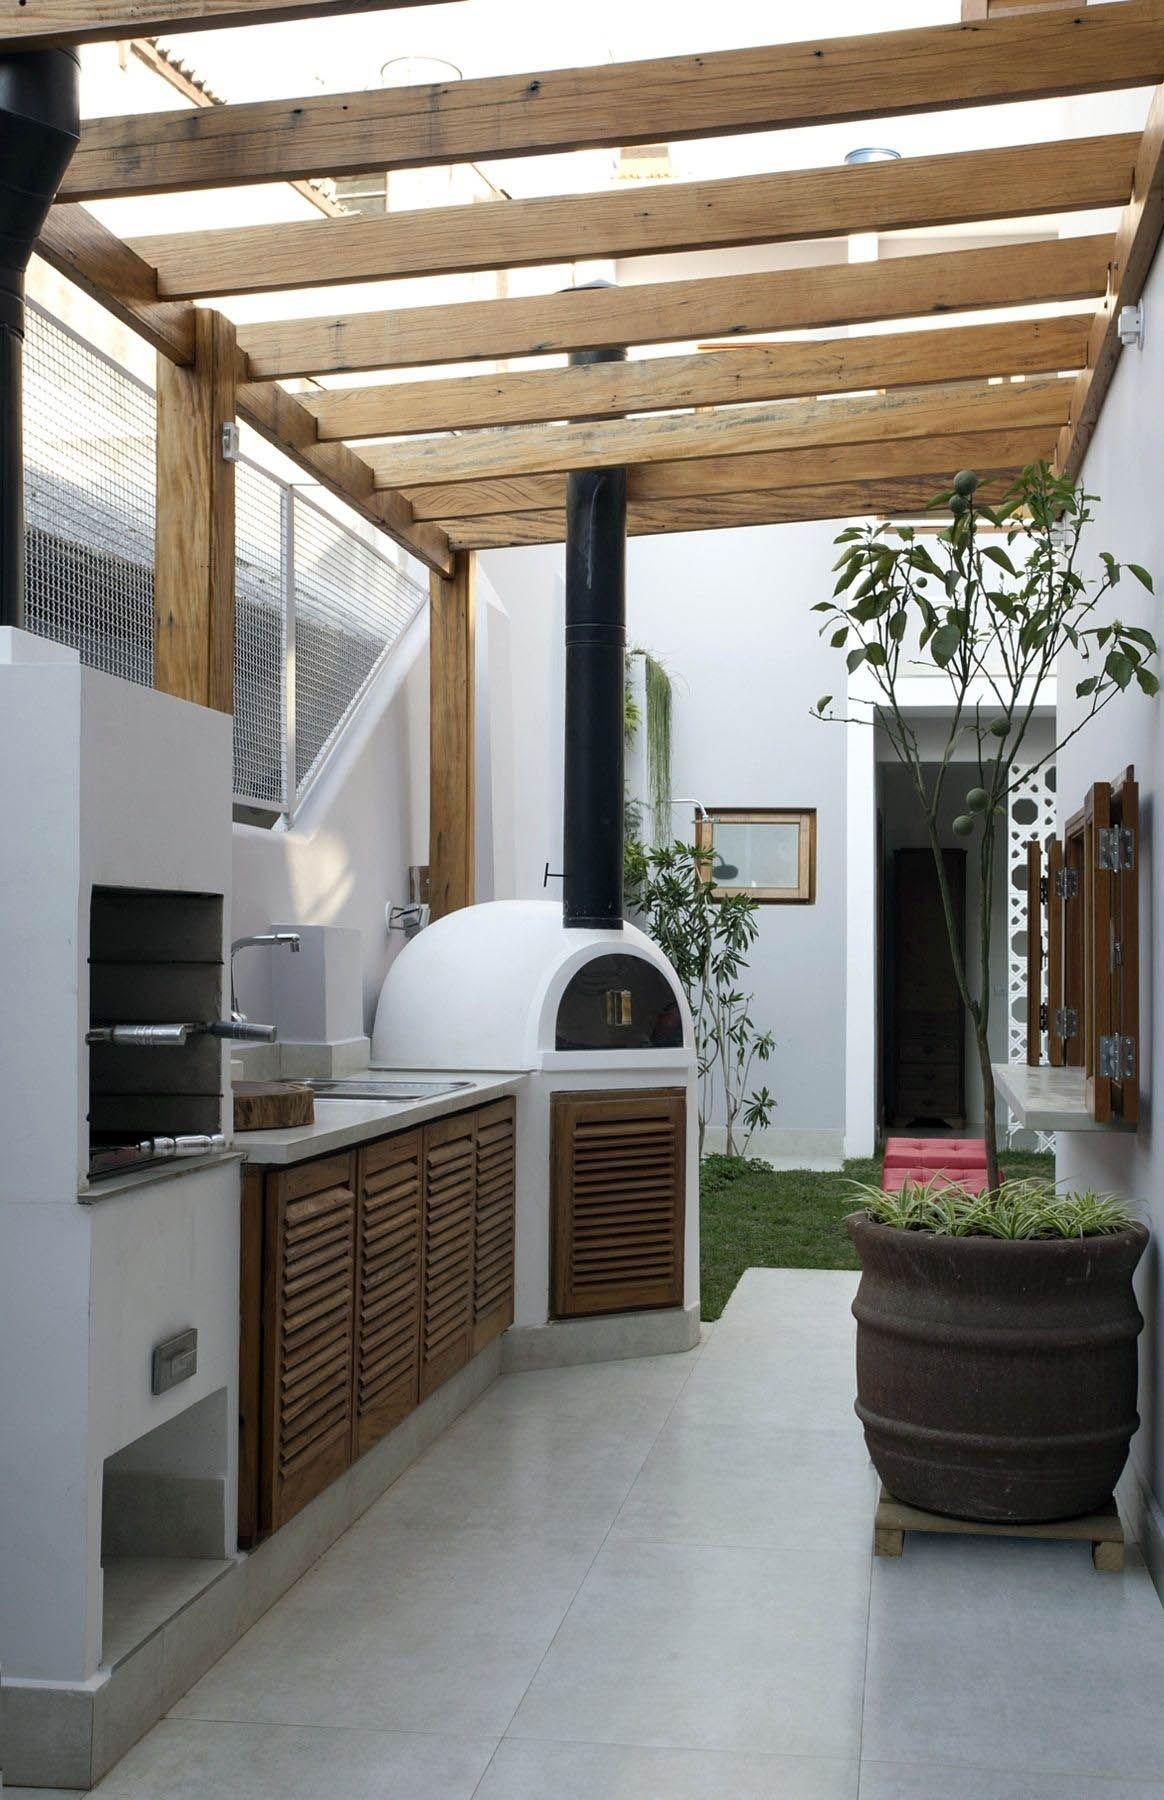 15 Outdoor Kitchen Ideas Inspirations Luxury Outdoor Kitchen Outdoor Living Blog Outdoor Kitchen Design